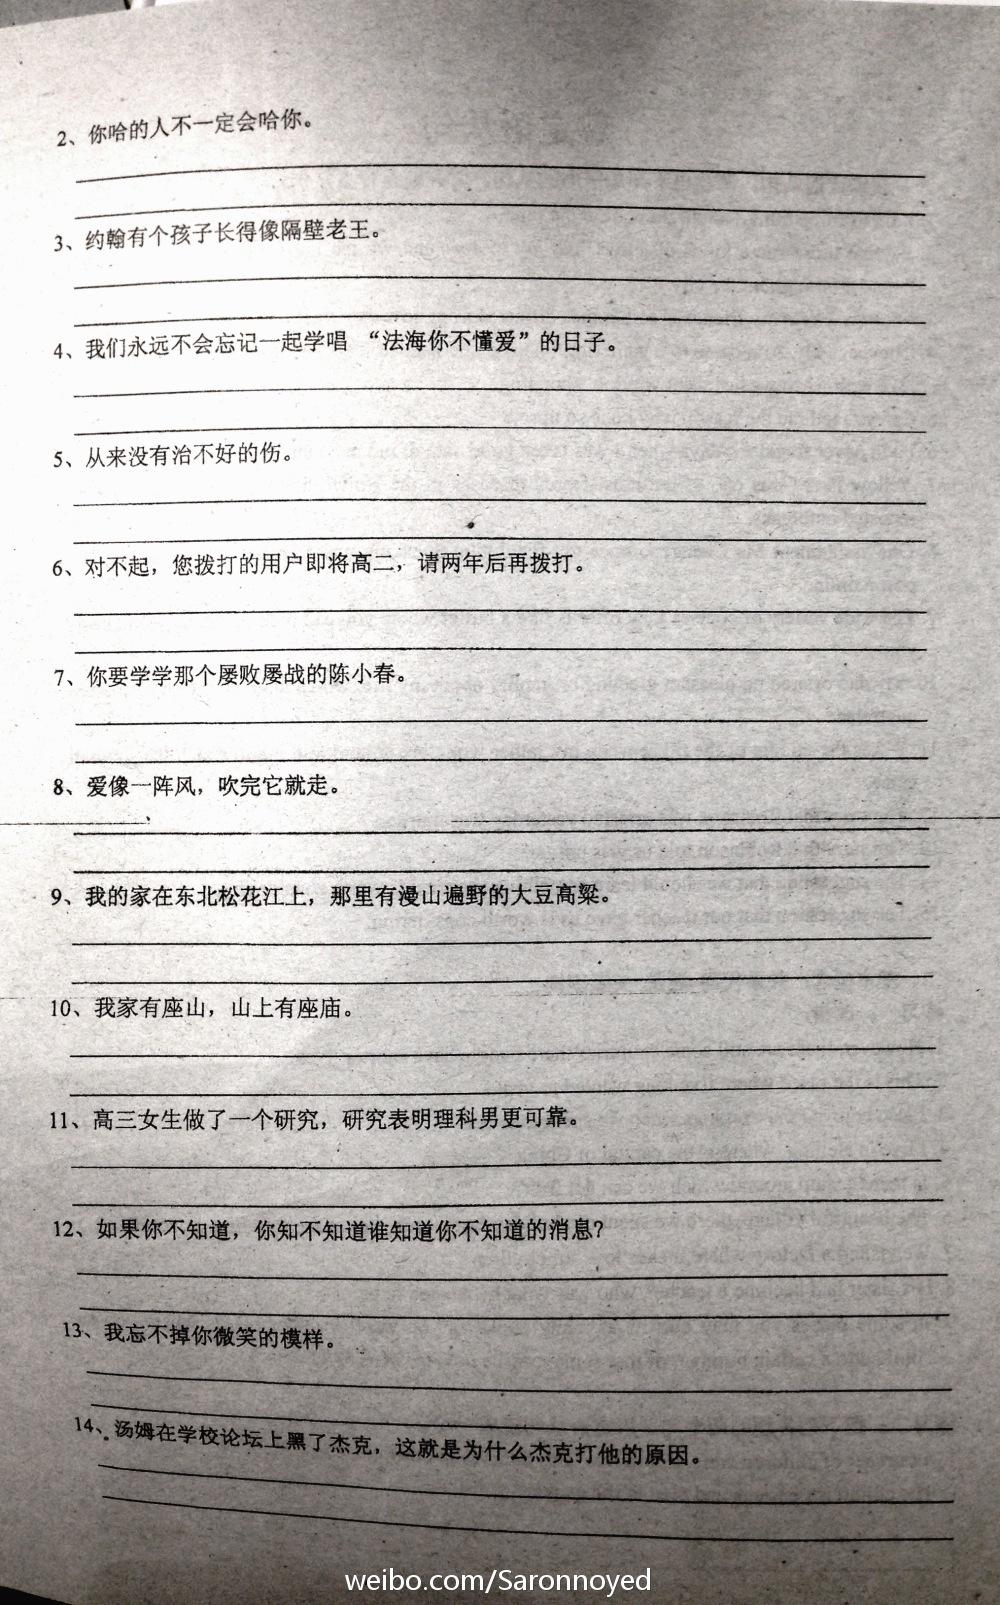 学校的翻译题,这都是什么玩意儿